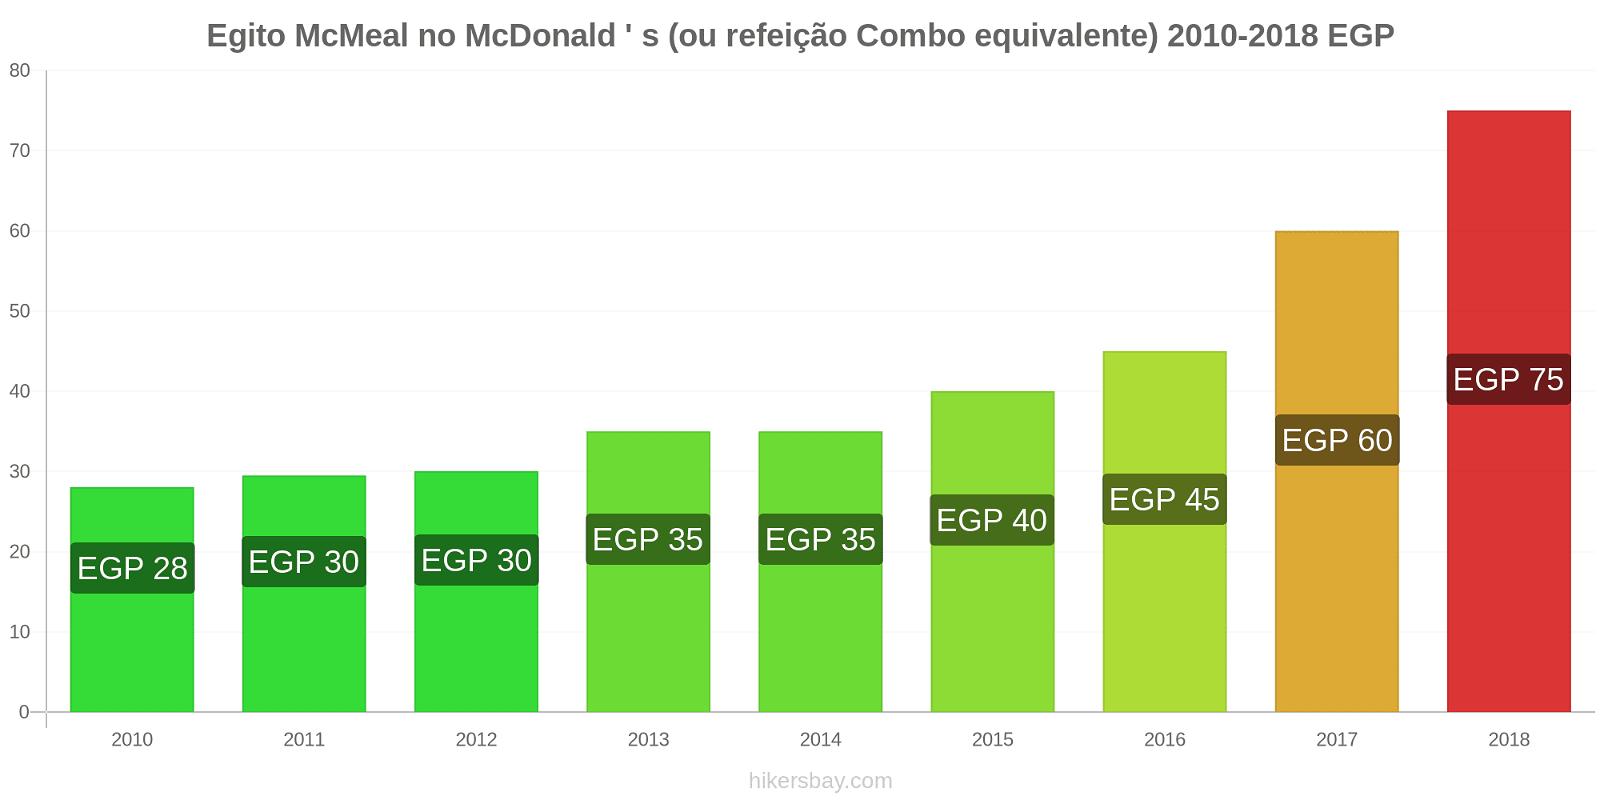 Egito variação de preço McMeal no McDonald ' s (ou refeição Combo equivalente) hikersbay.com